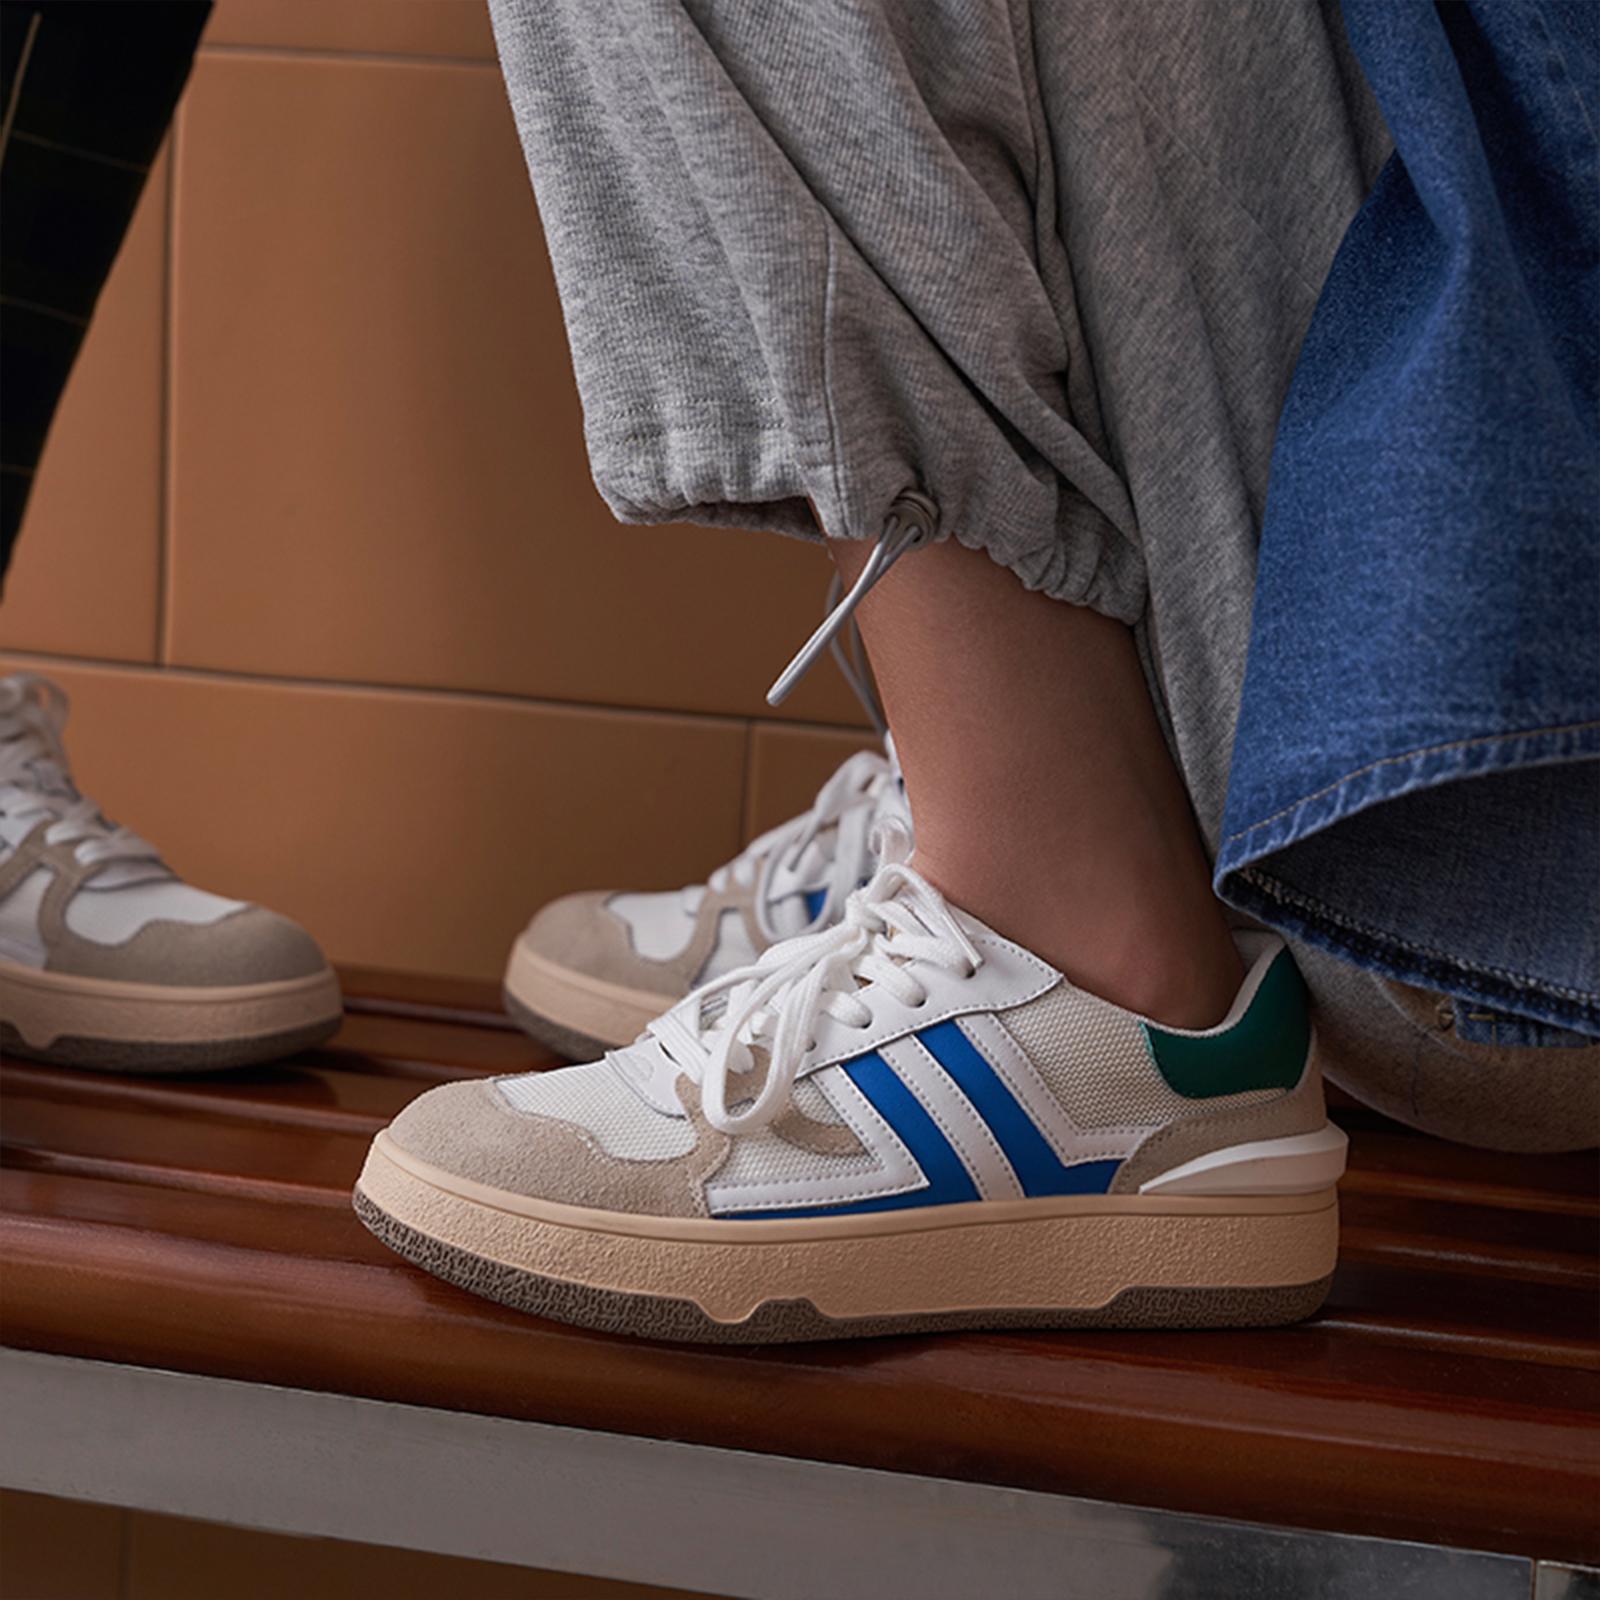 玛速主义 2021新款复古德训鞋女夏百搭休闲平底板鞋小白鞋运动鞋